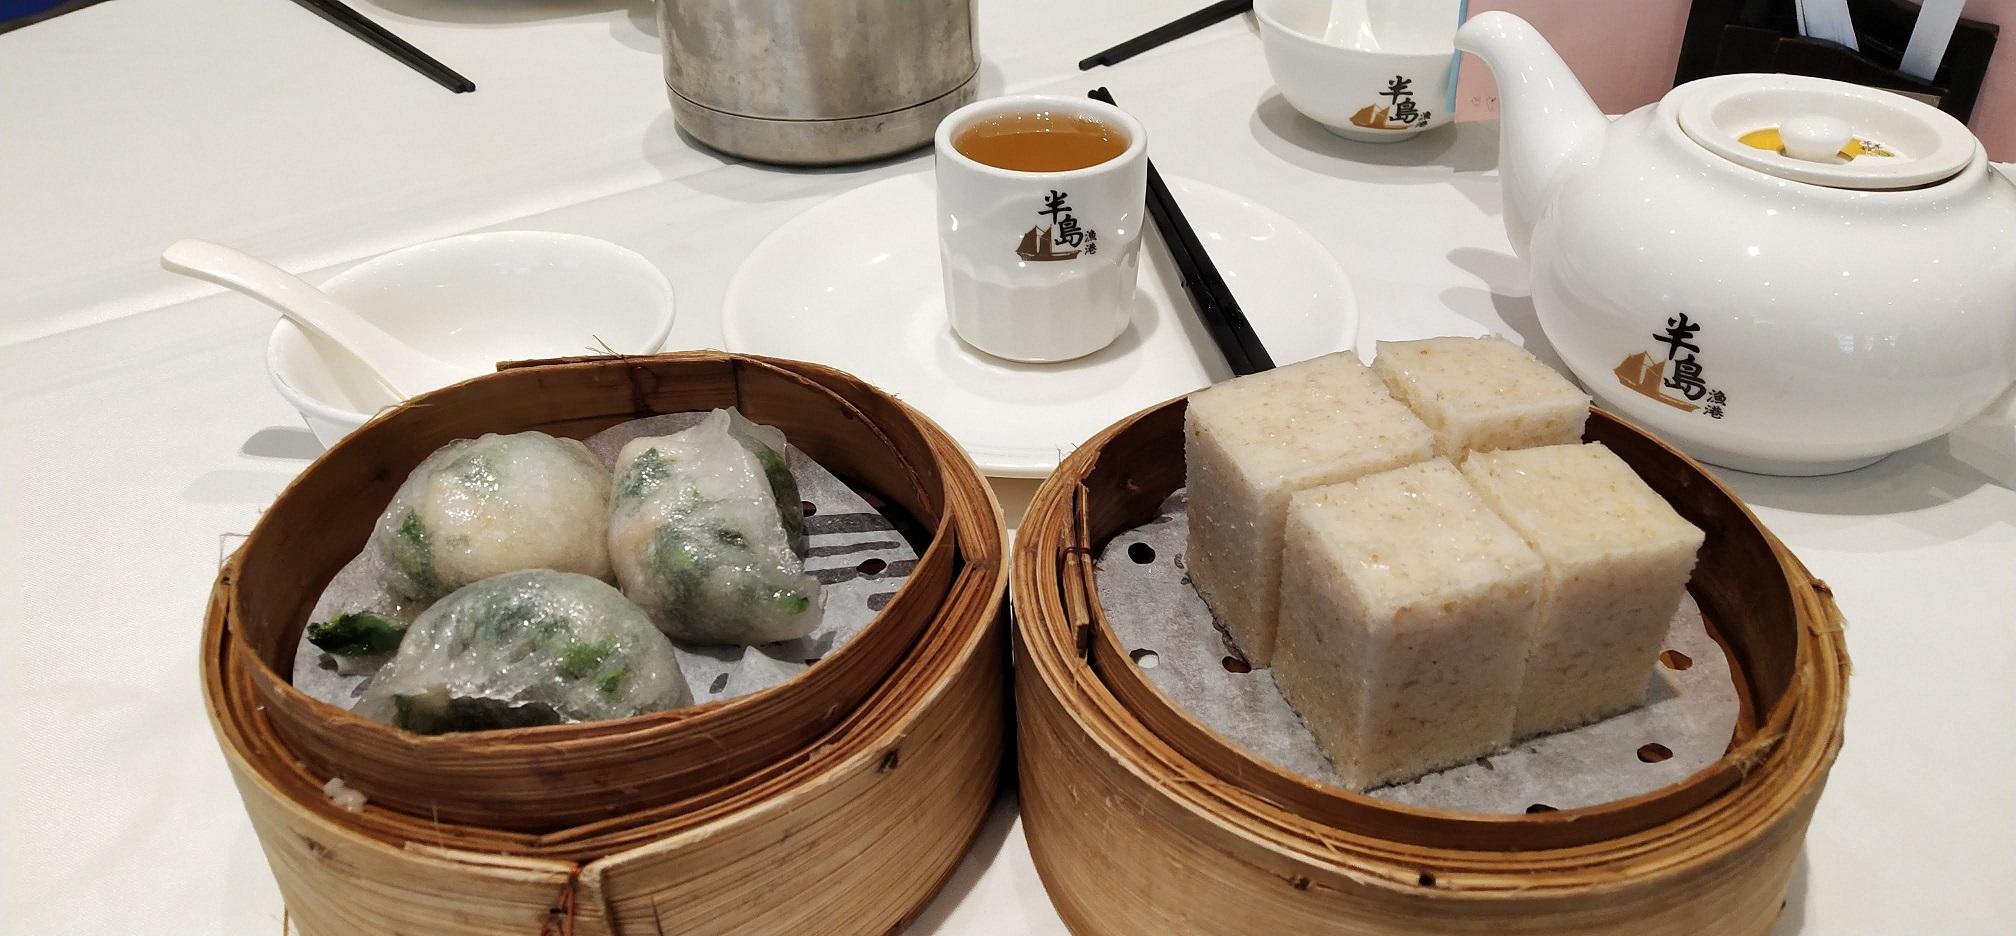 dumpling, cake, tea cup, tea pot